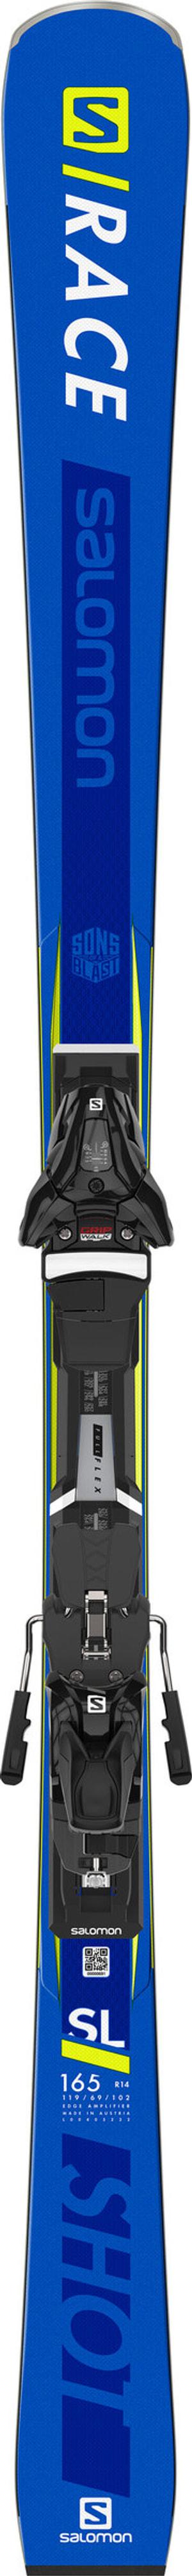 E S/Race Shot SL inkl. Z12 GW